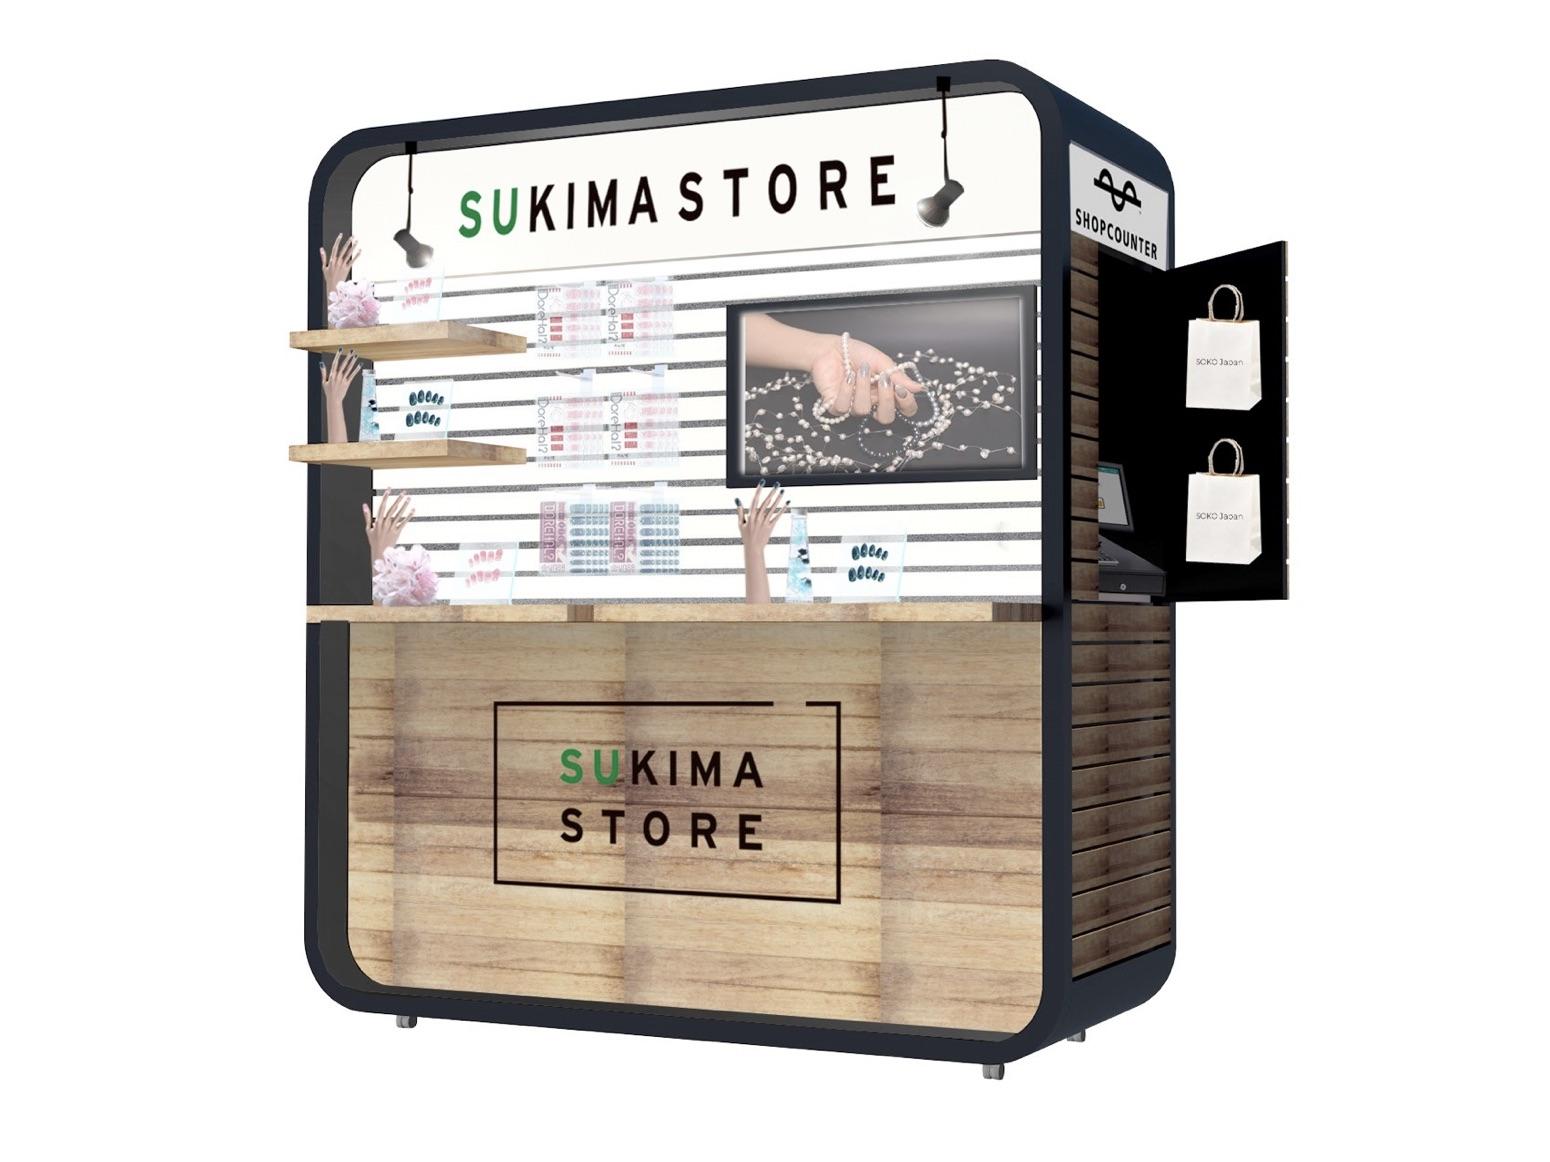 JR東日本グループ×カウンターワークス|エキナカスペースをシェアリングで手軽に出店「SUKIMA STORE」を開催